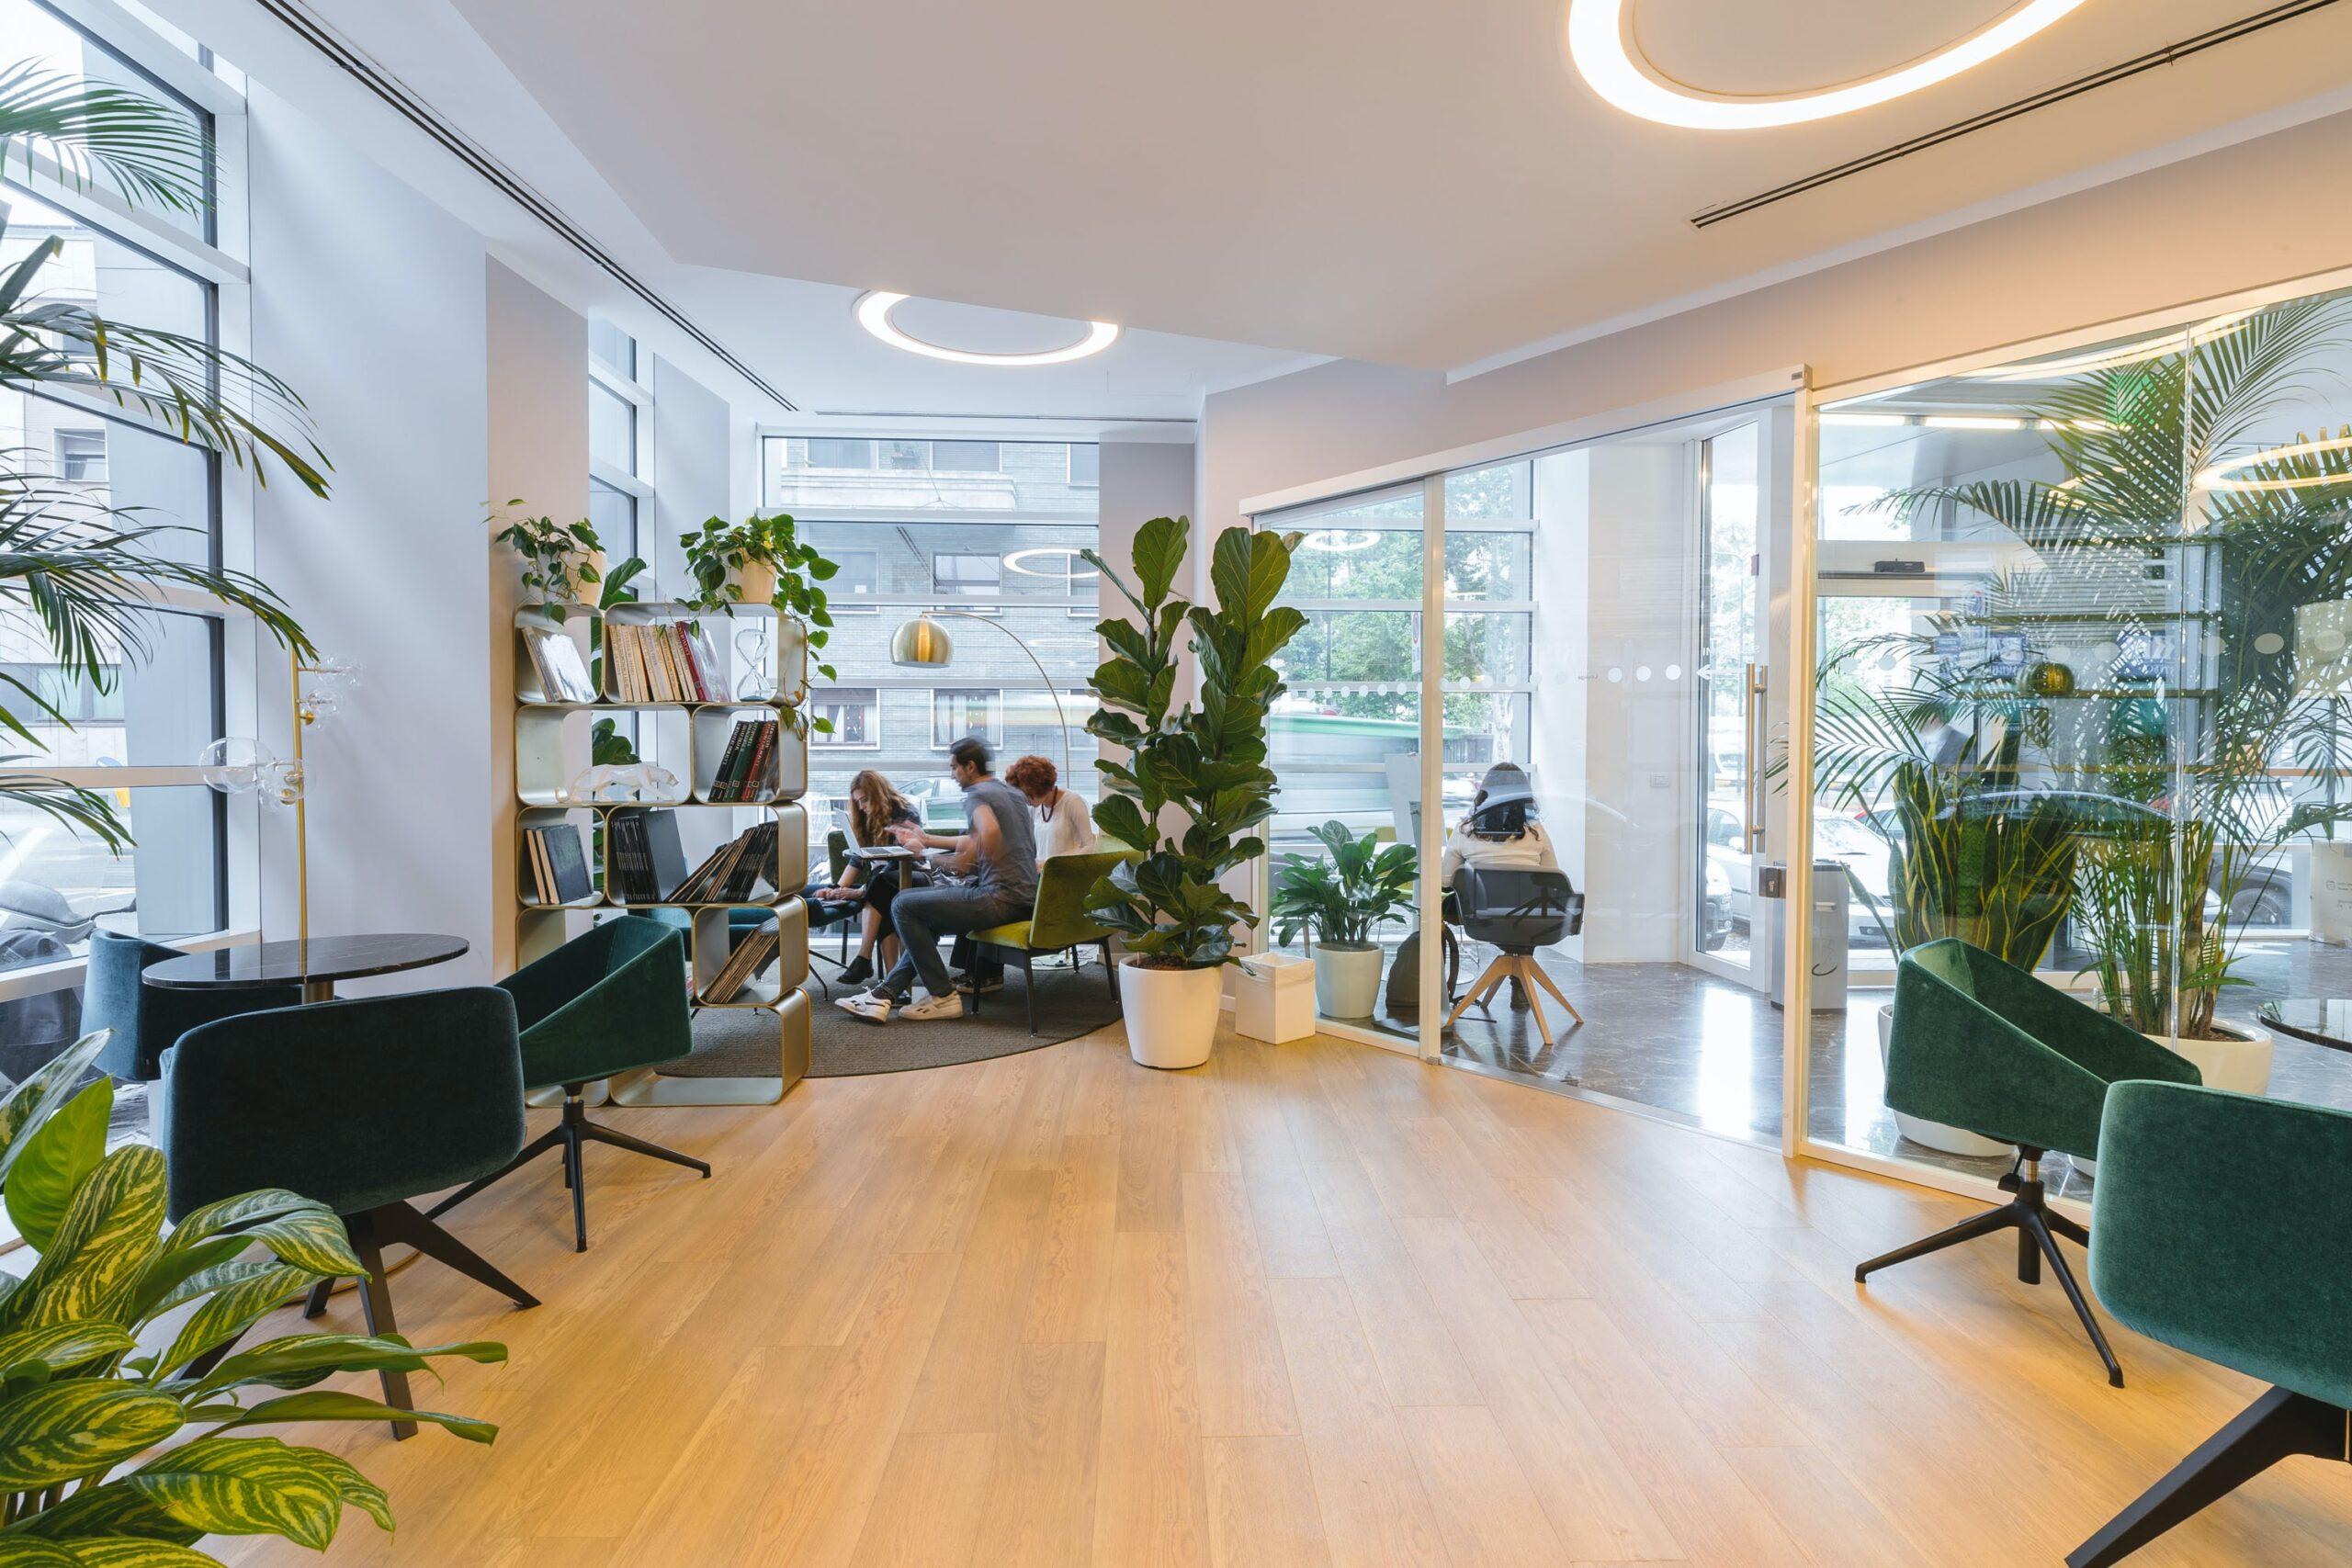 まとめ:コミュニケーション活性化を目指すならオフィス環境を見直そう